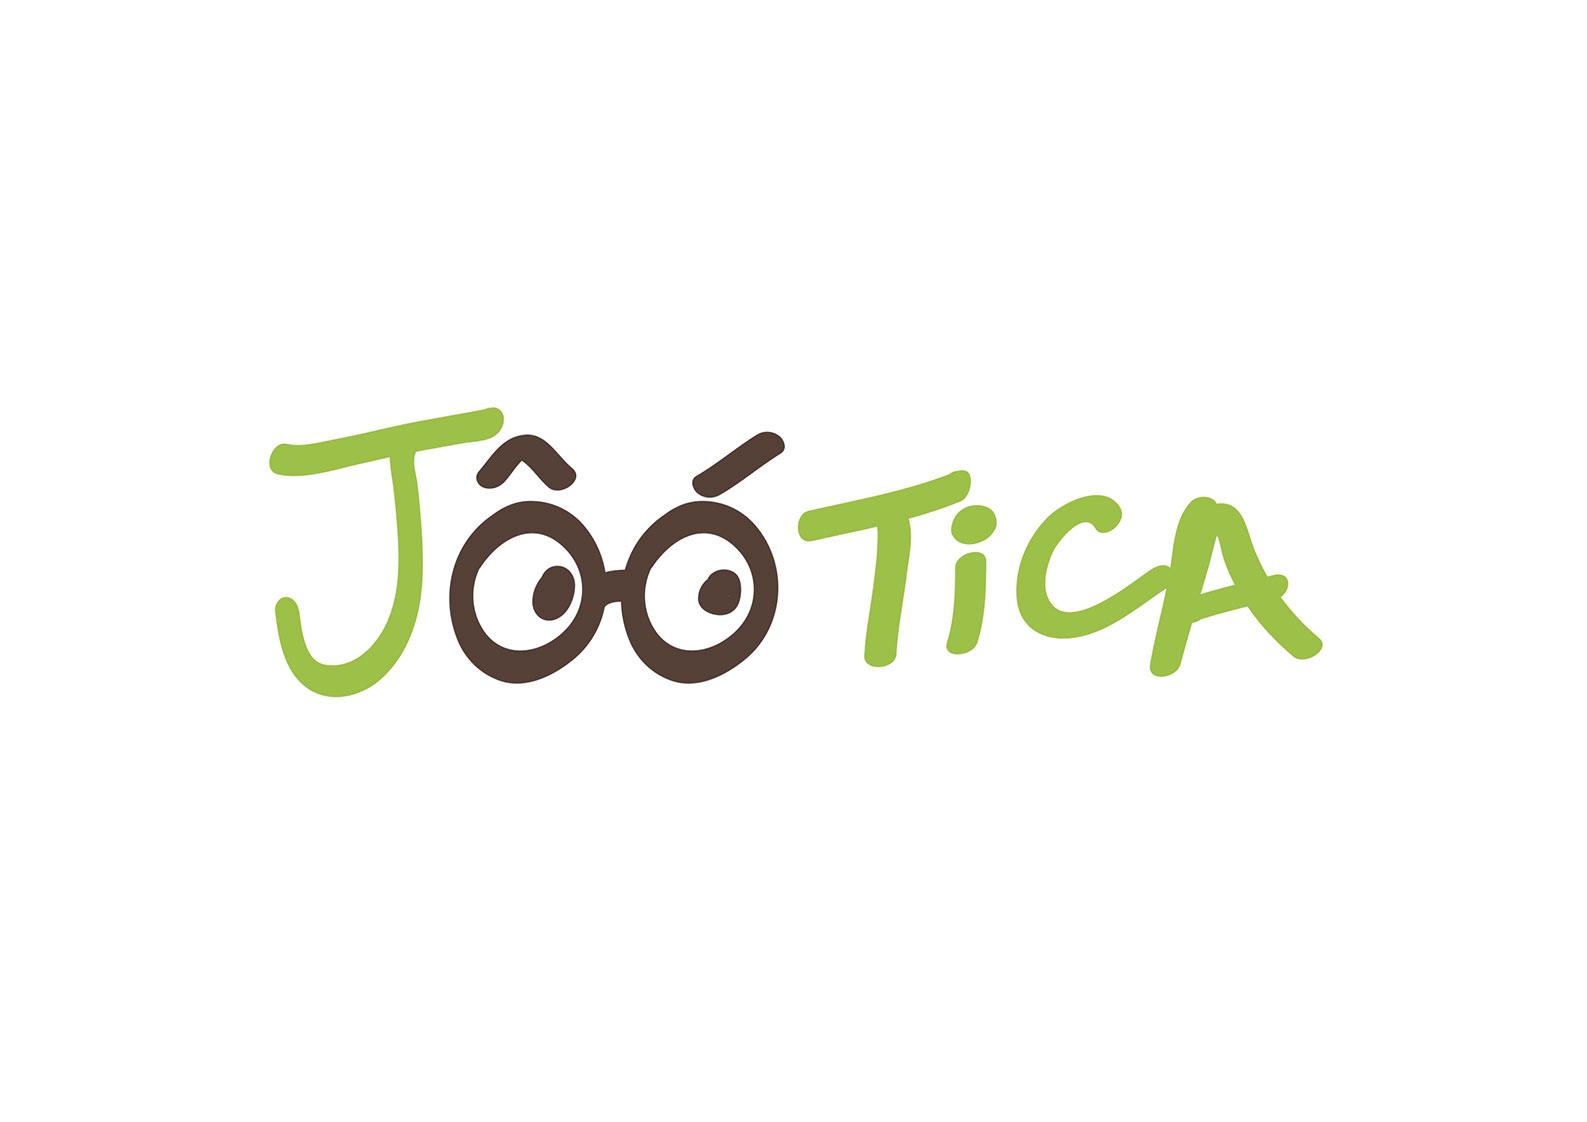 Joótica